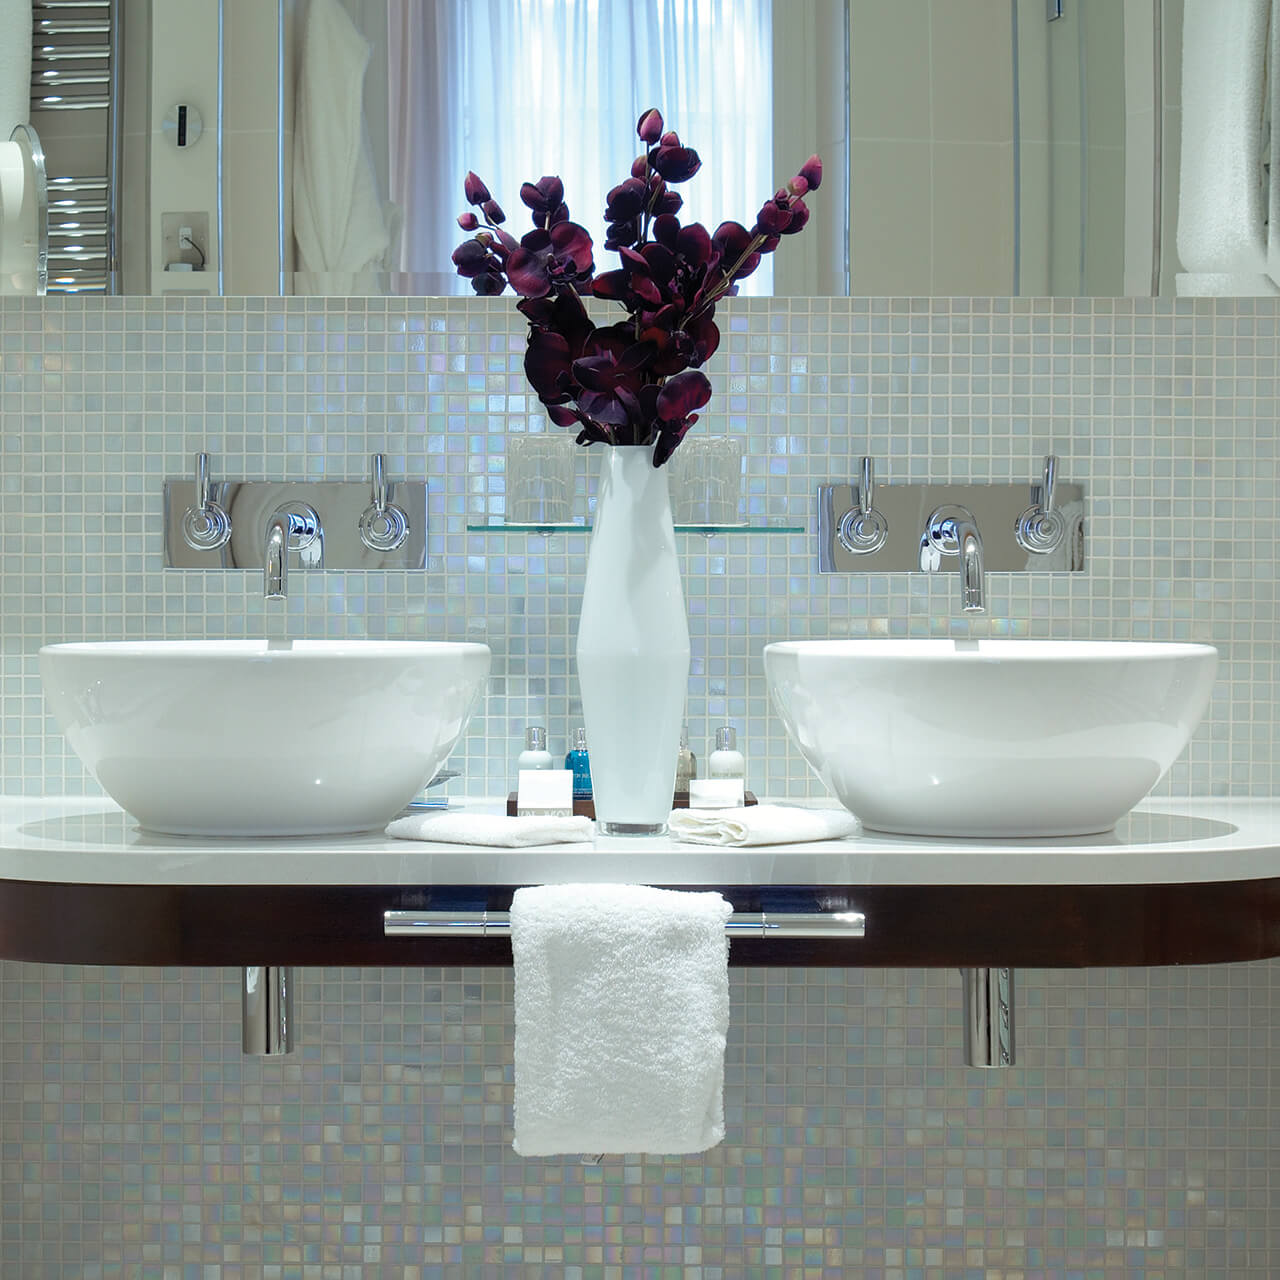 Perrin-and-Rowe-sanitaryware